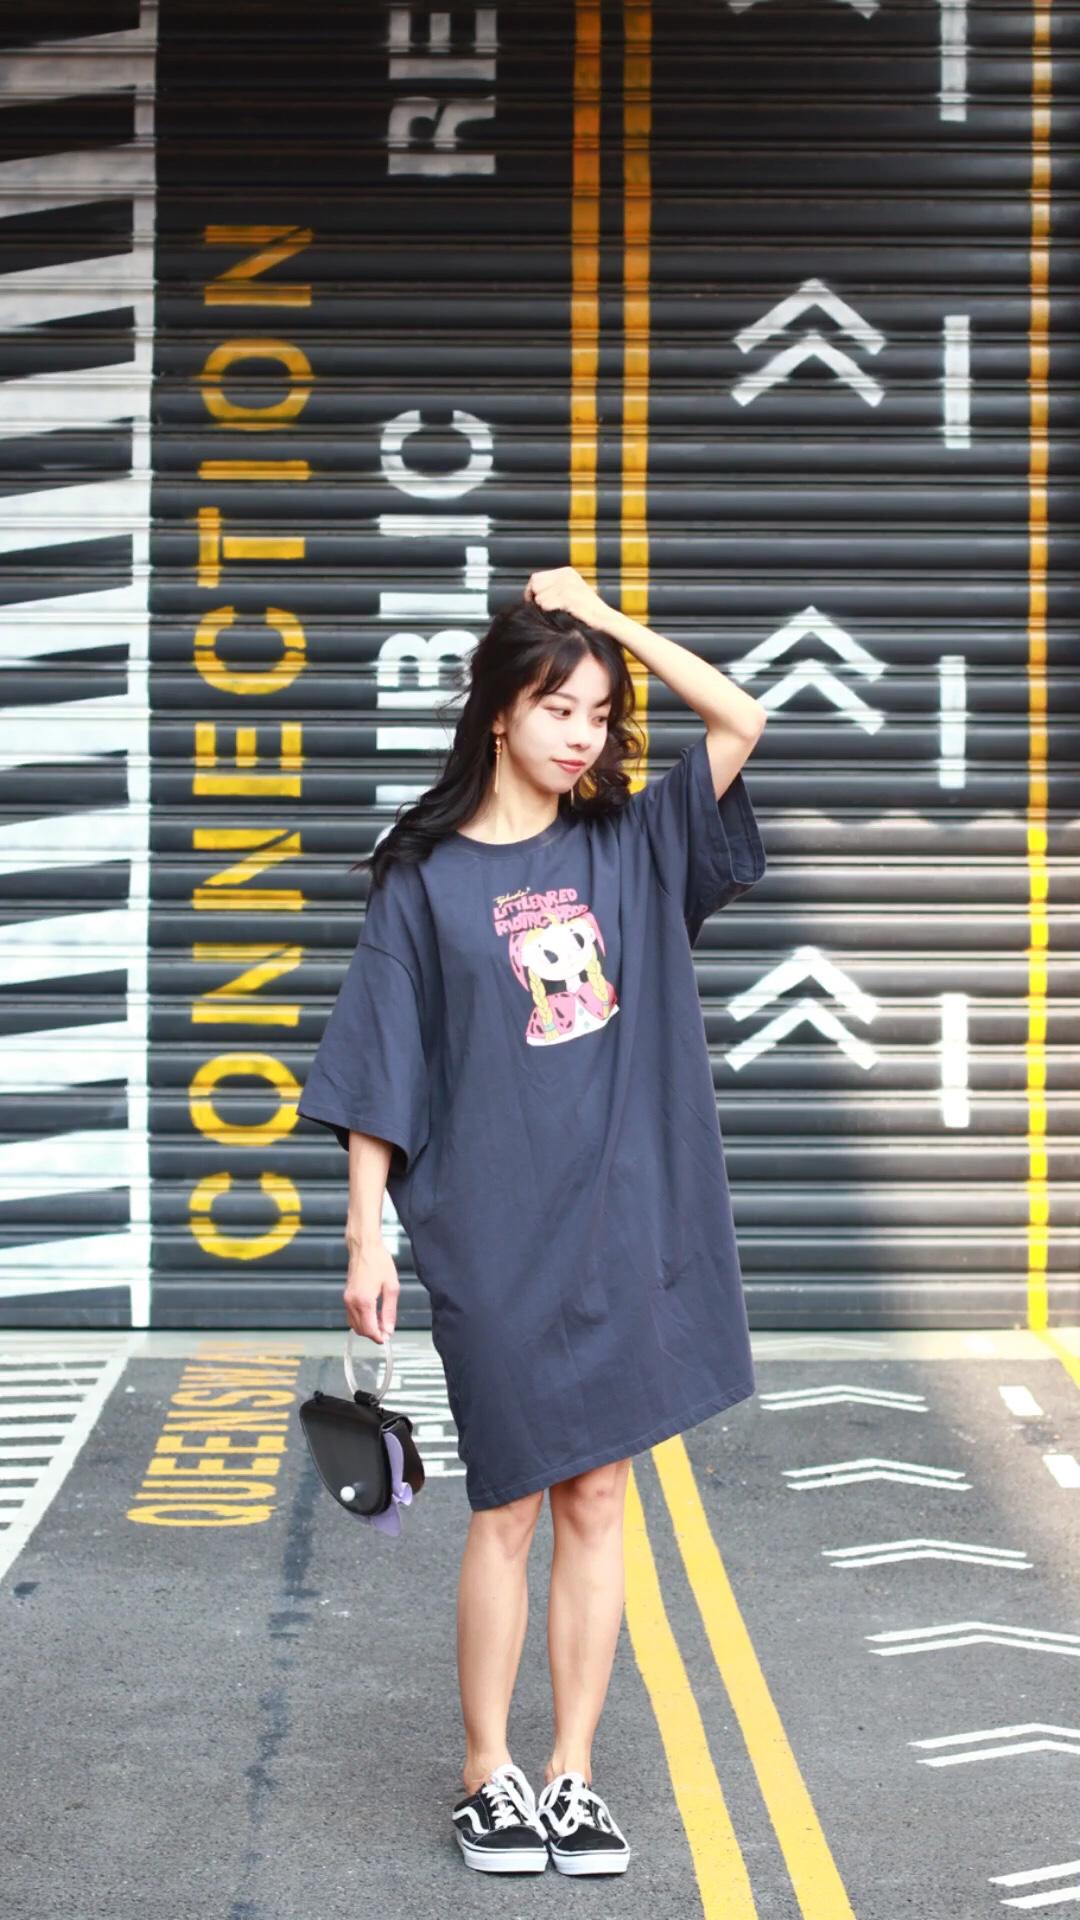 #蘑菇街新品测评# 这件T恤裙真的太可爱啦! 印花图案非常有趣,质量也特别棒, 少女又活力!